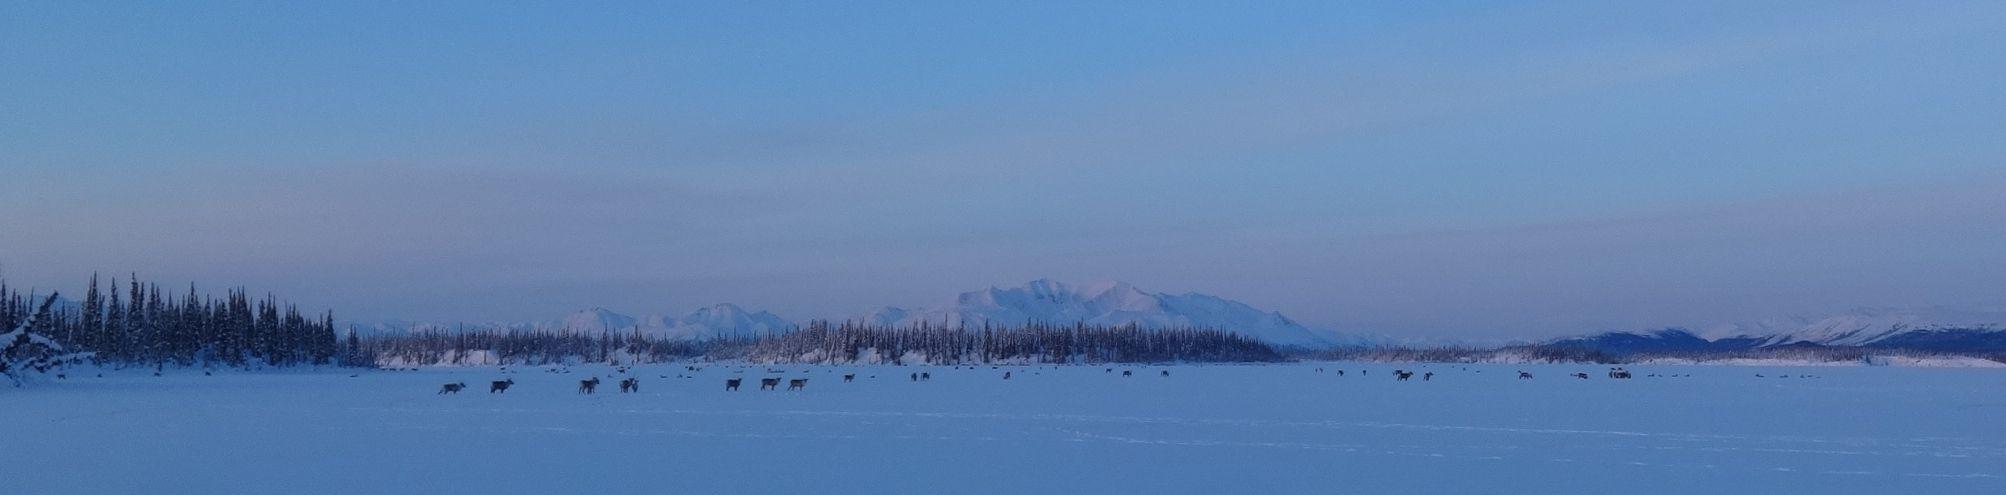 caribou airport lake 1